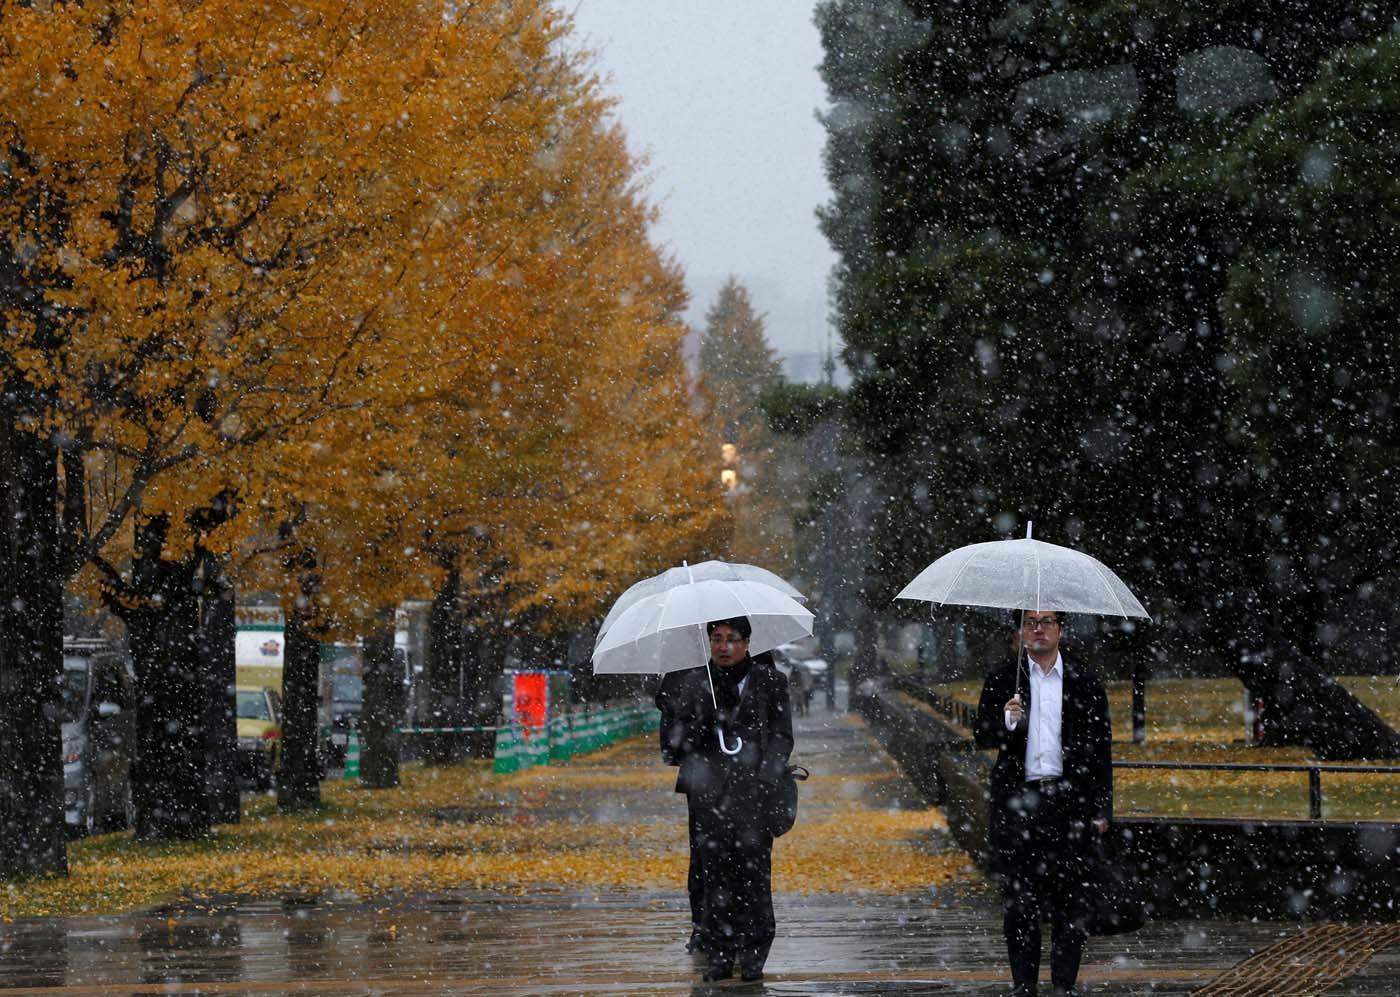 2016-11-24T013133Z_711730497_S1AEUOOYTXAB_RTRMADP_3_JAPAN-WEATHER